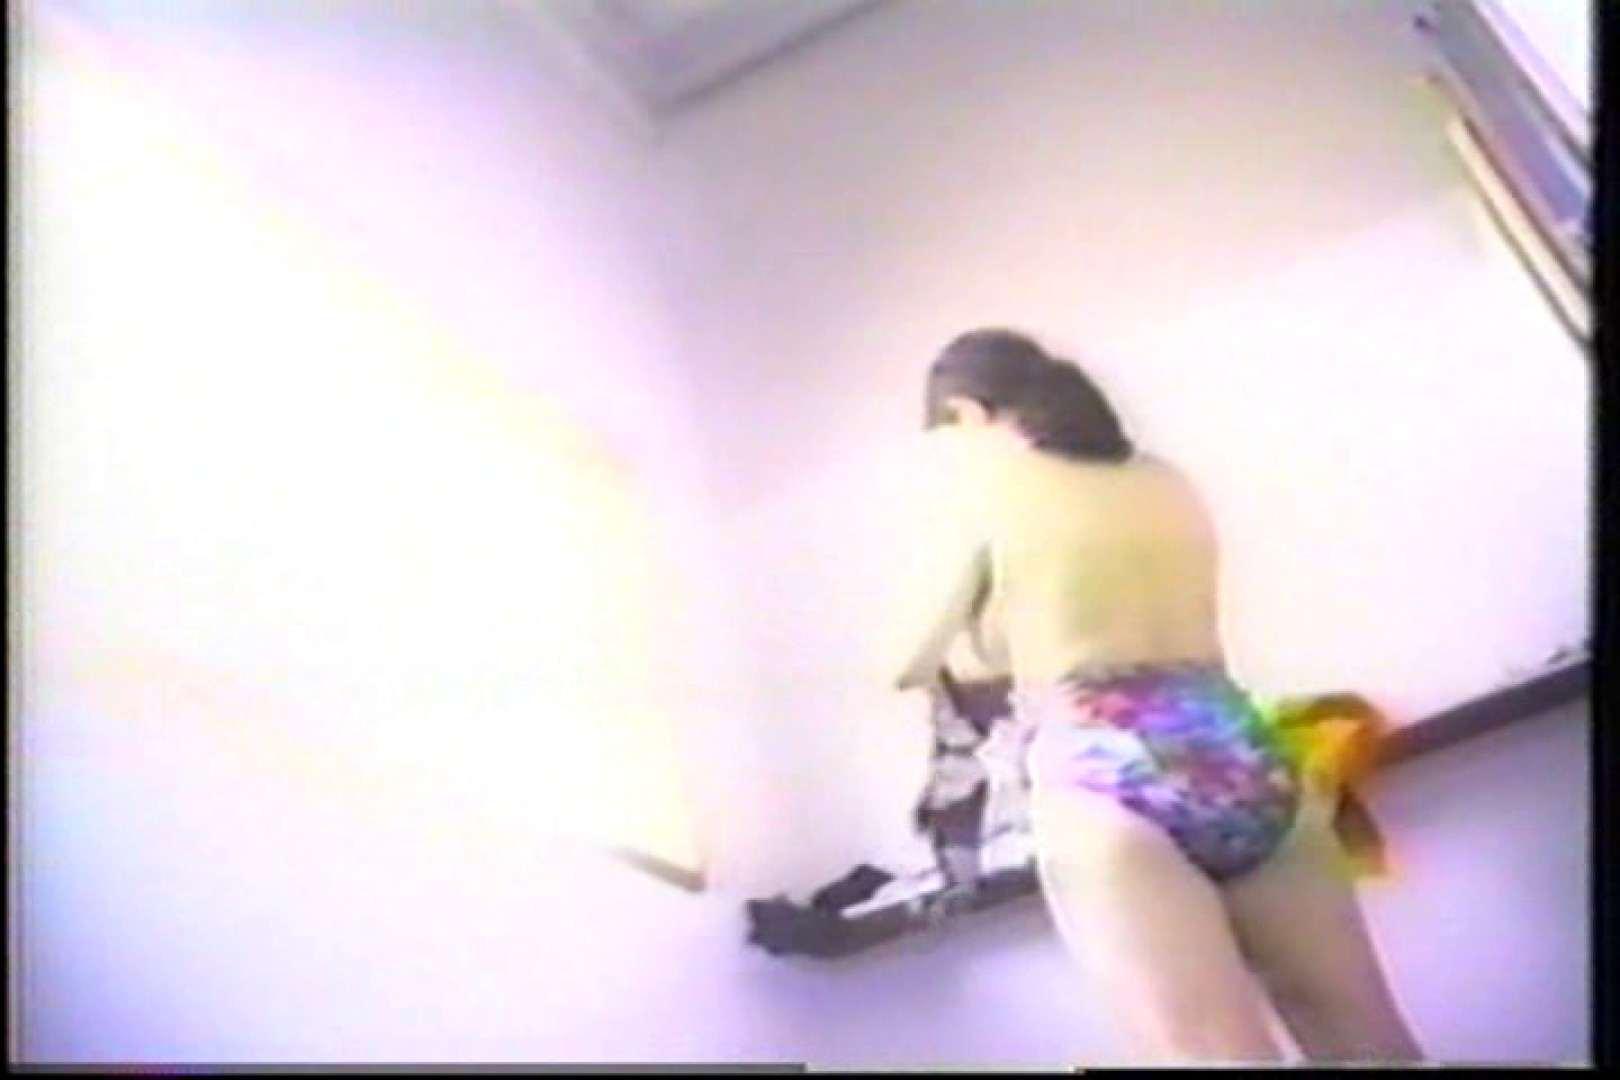 海の家の個室更衣室盗撮 全身全裸が丸見え TK-95 グループ乱行 AV無料動画キャプチャ 87PIX 49